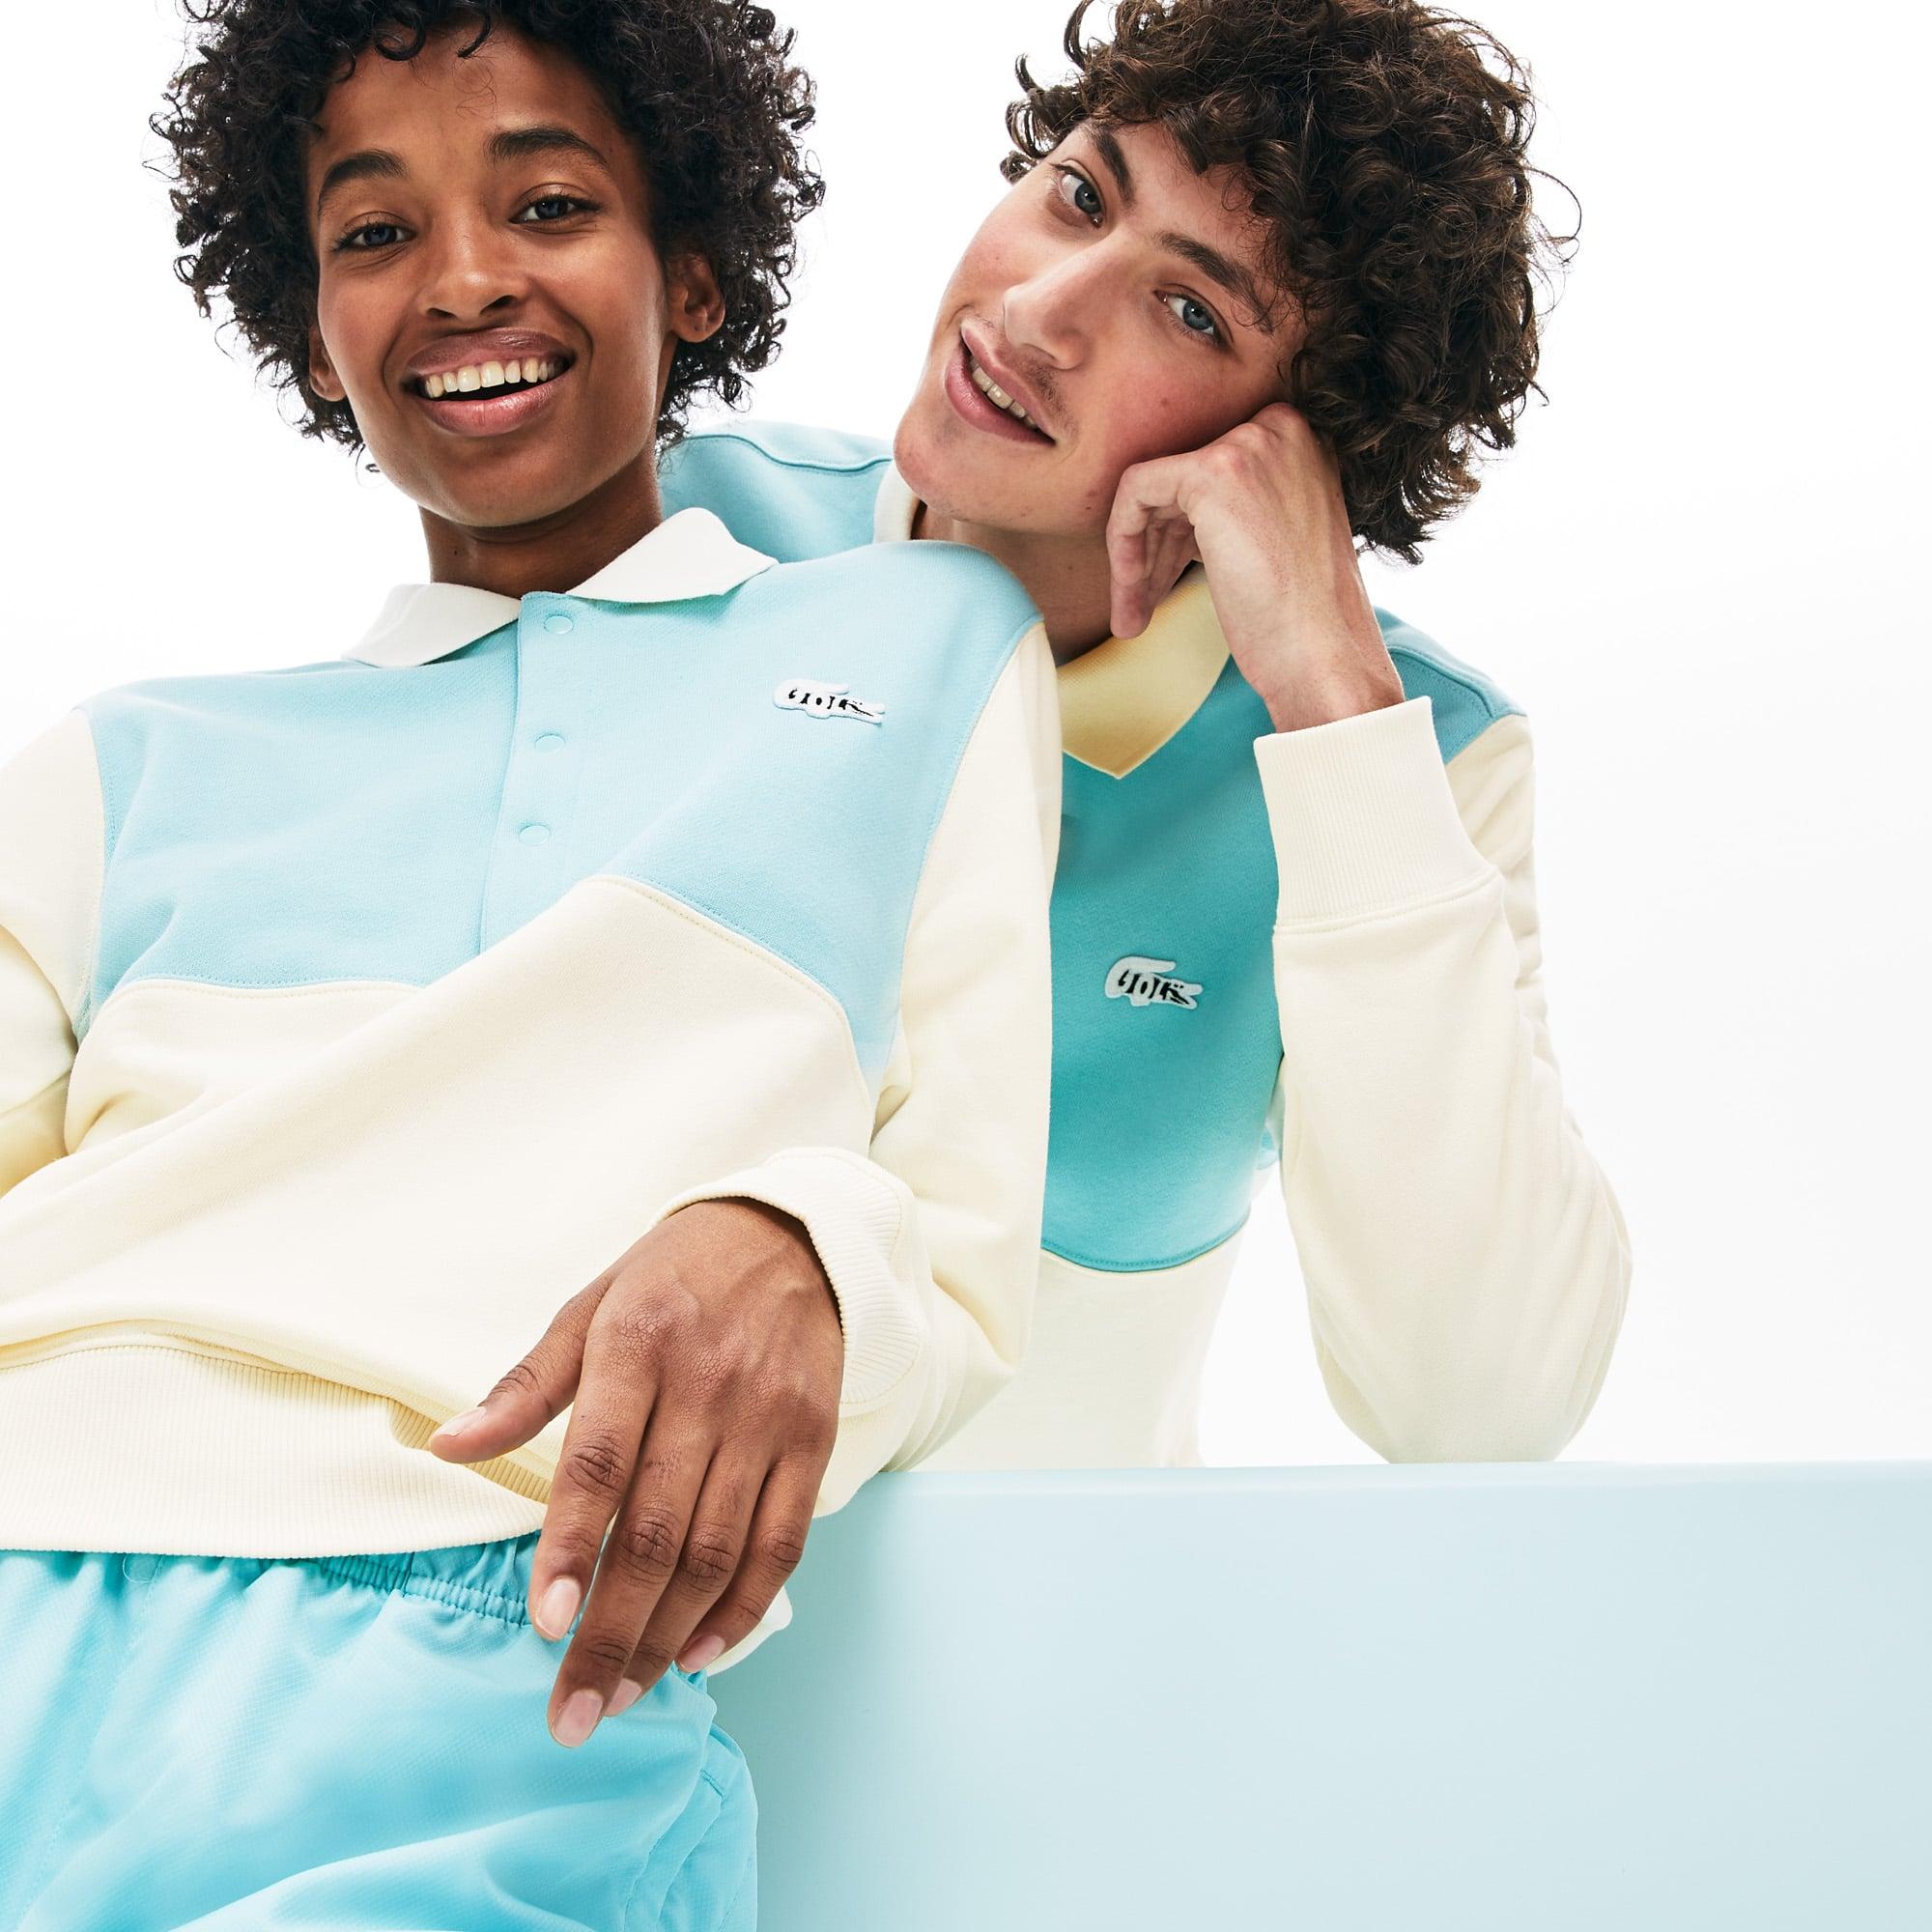 Lacoste Tops Lacoste x GOLF le FLEUR Two-Tone Fleece Sweatshirt